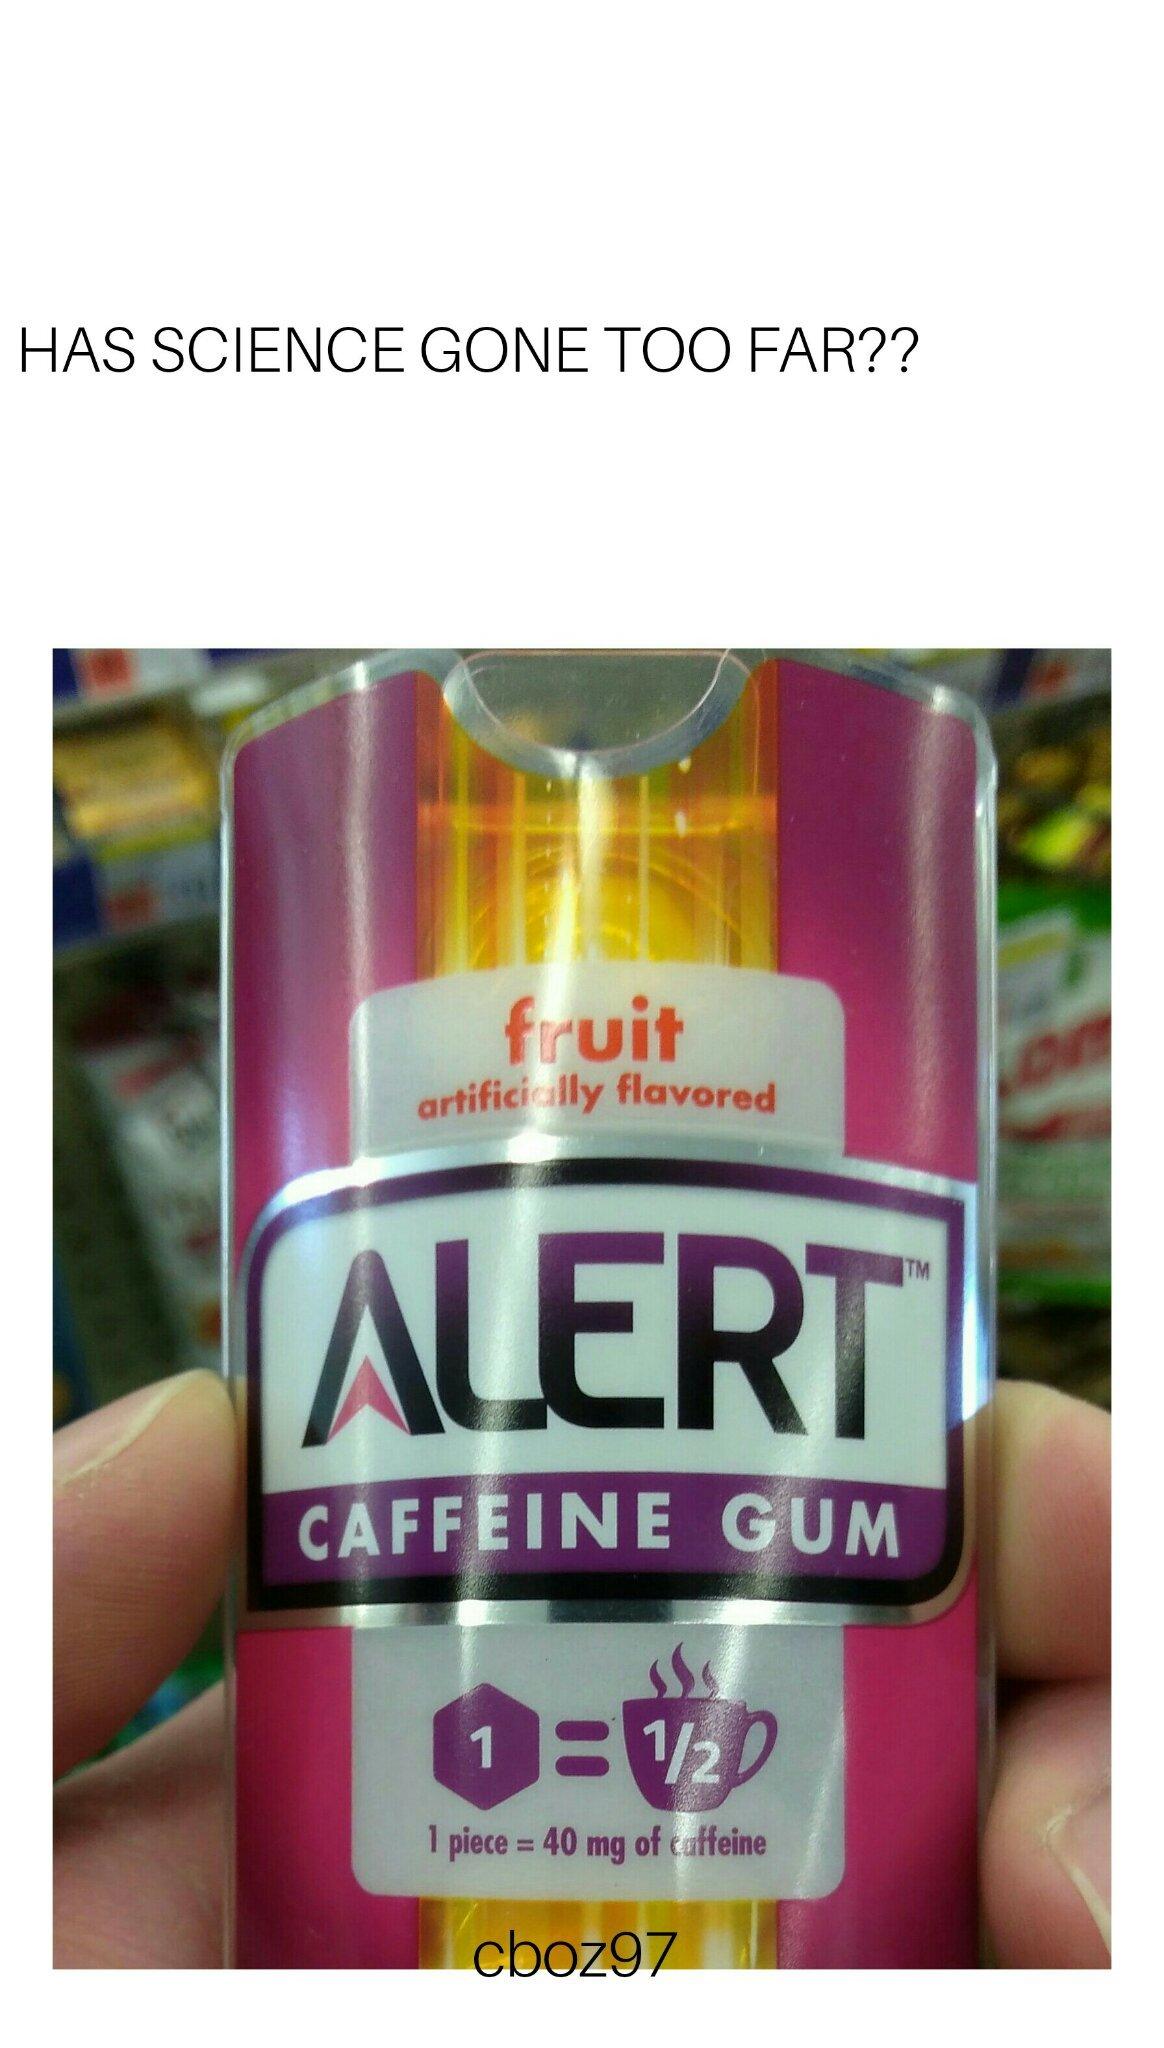 Caffeinated gum...wth - meme